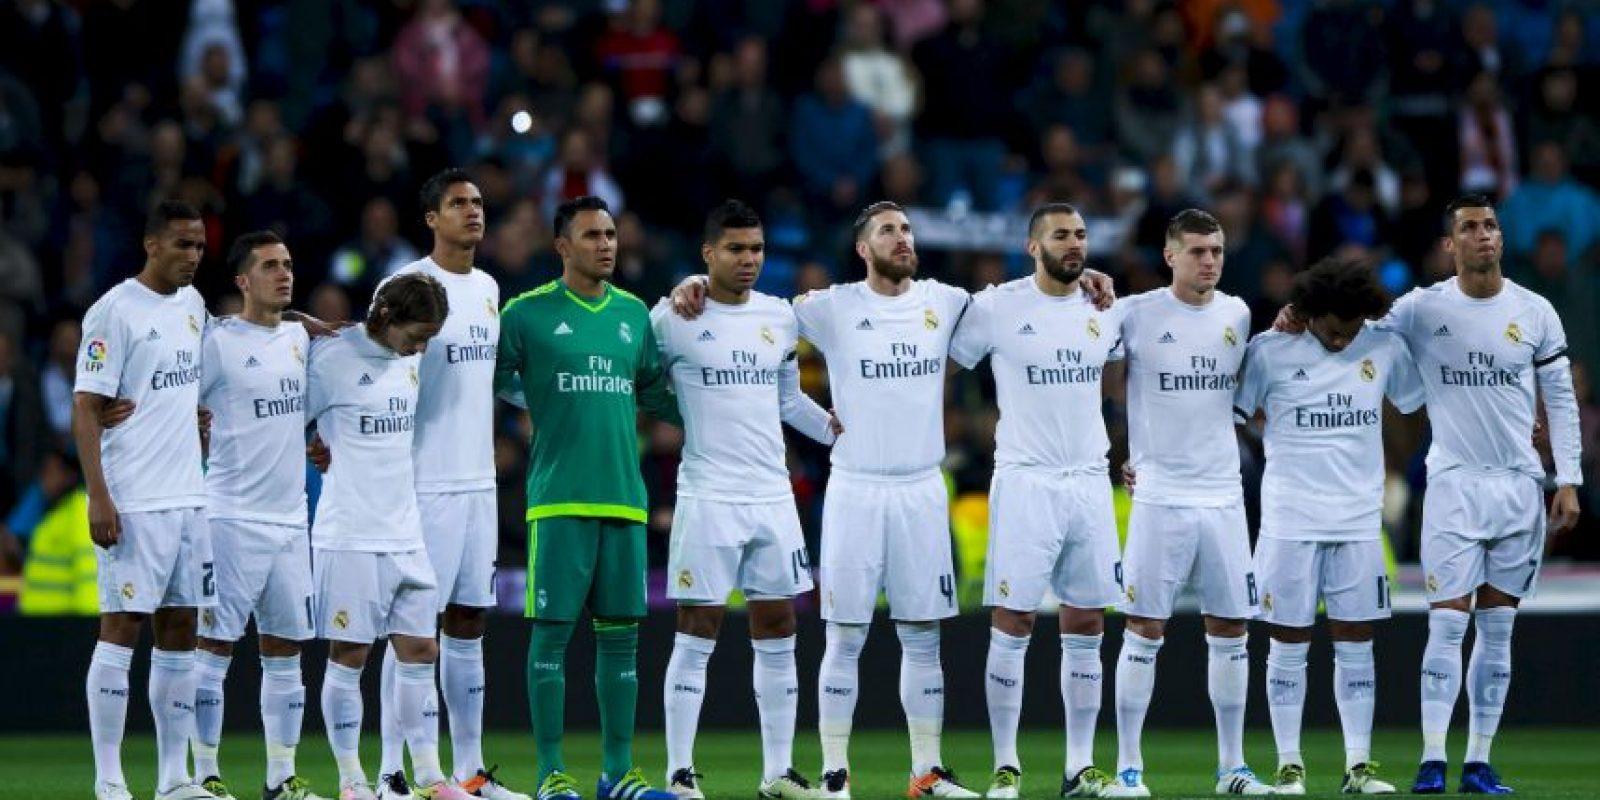 Este es el actual uniforme de local del Real Madrid Foto:Getty Images